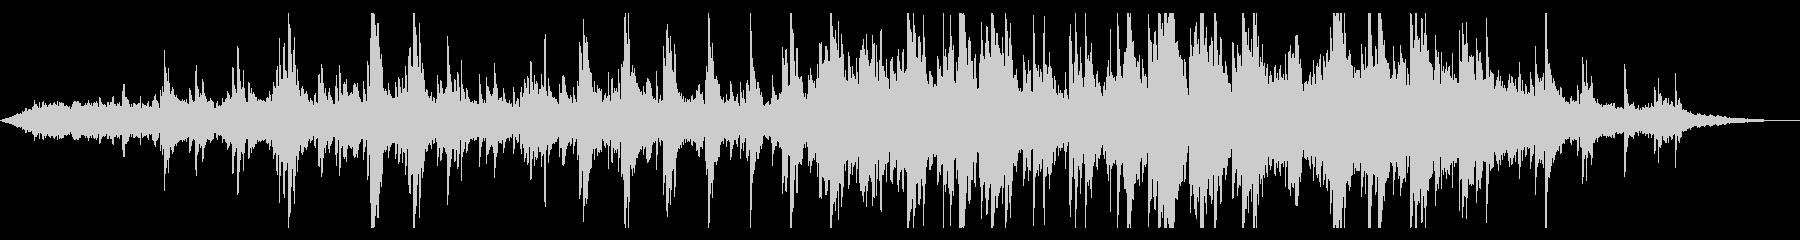 ドラマチックなピアノアンビエントの未再生の波形